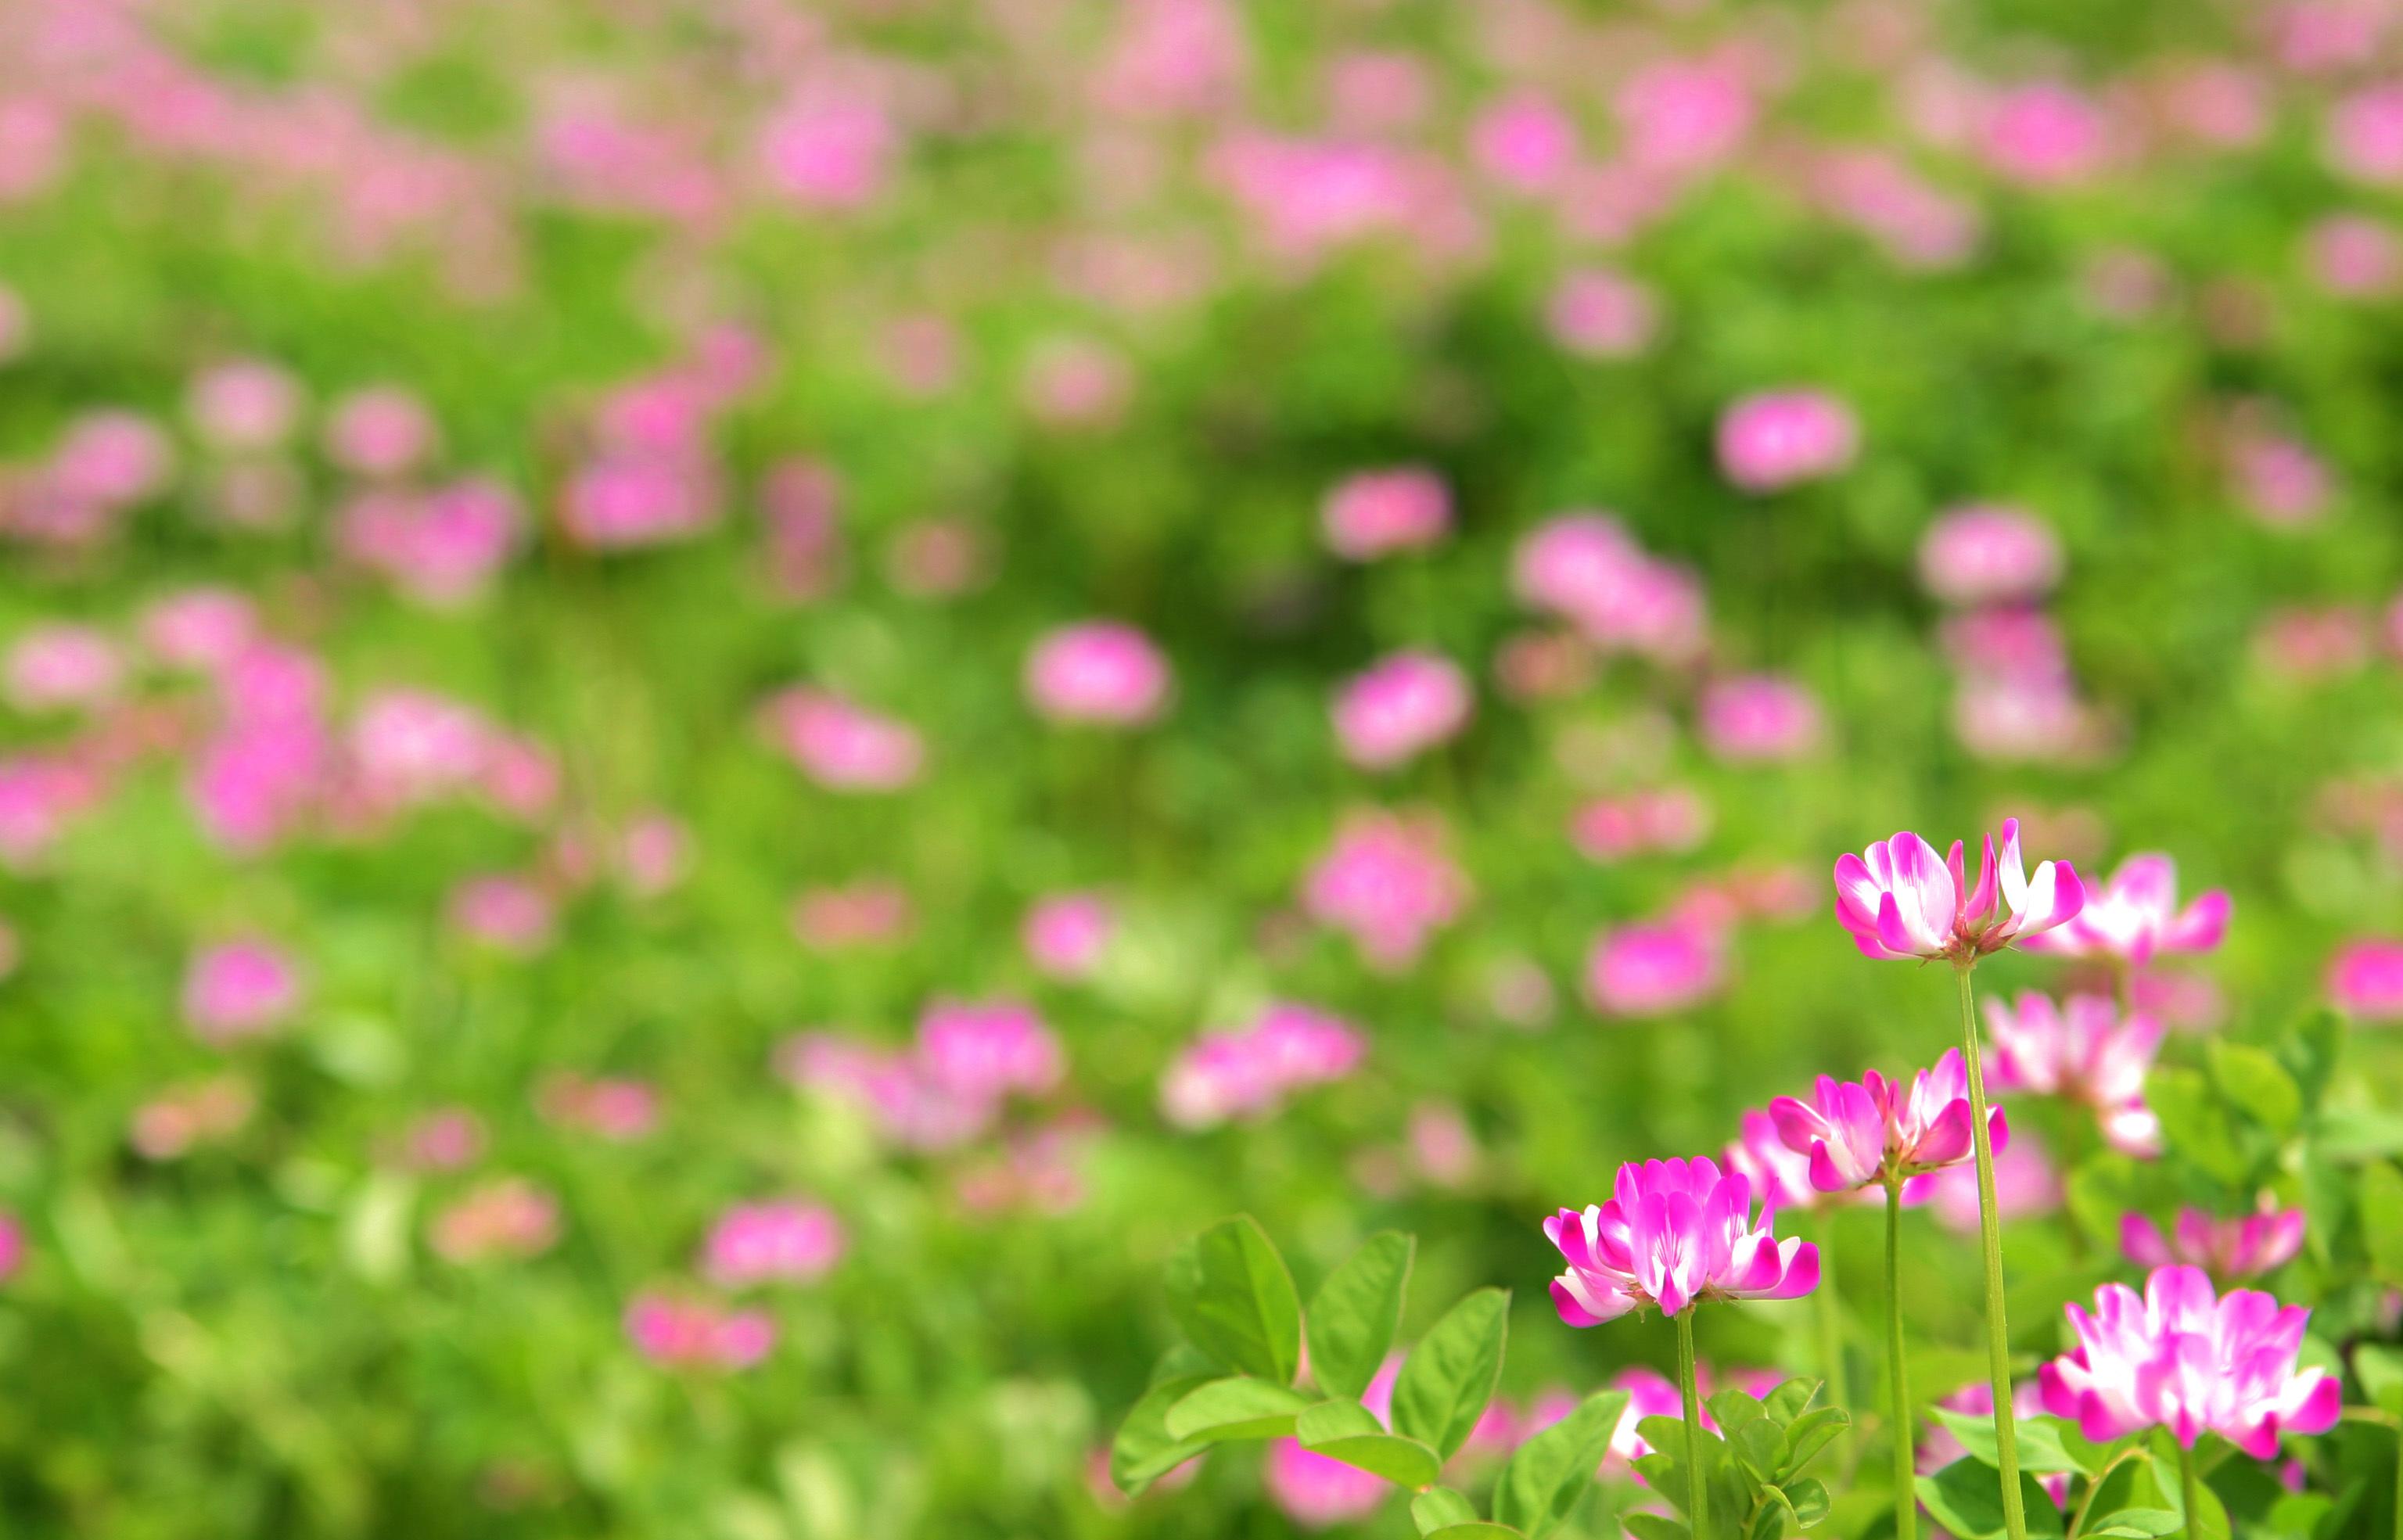 Цветы клевер  № 1341240 бесплатно